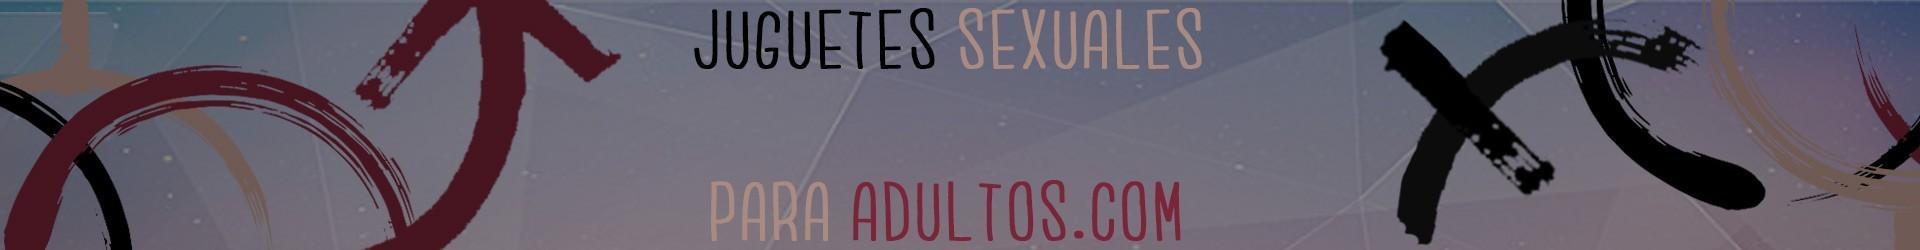 Camisetas - Juguetes Sexuales para Adultos